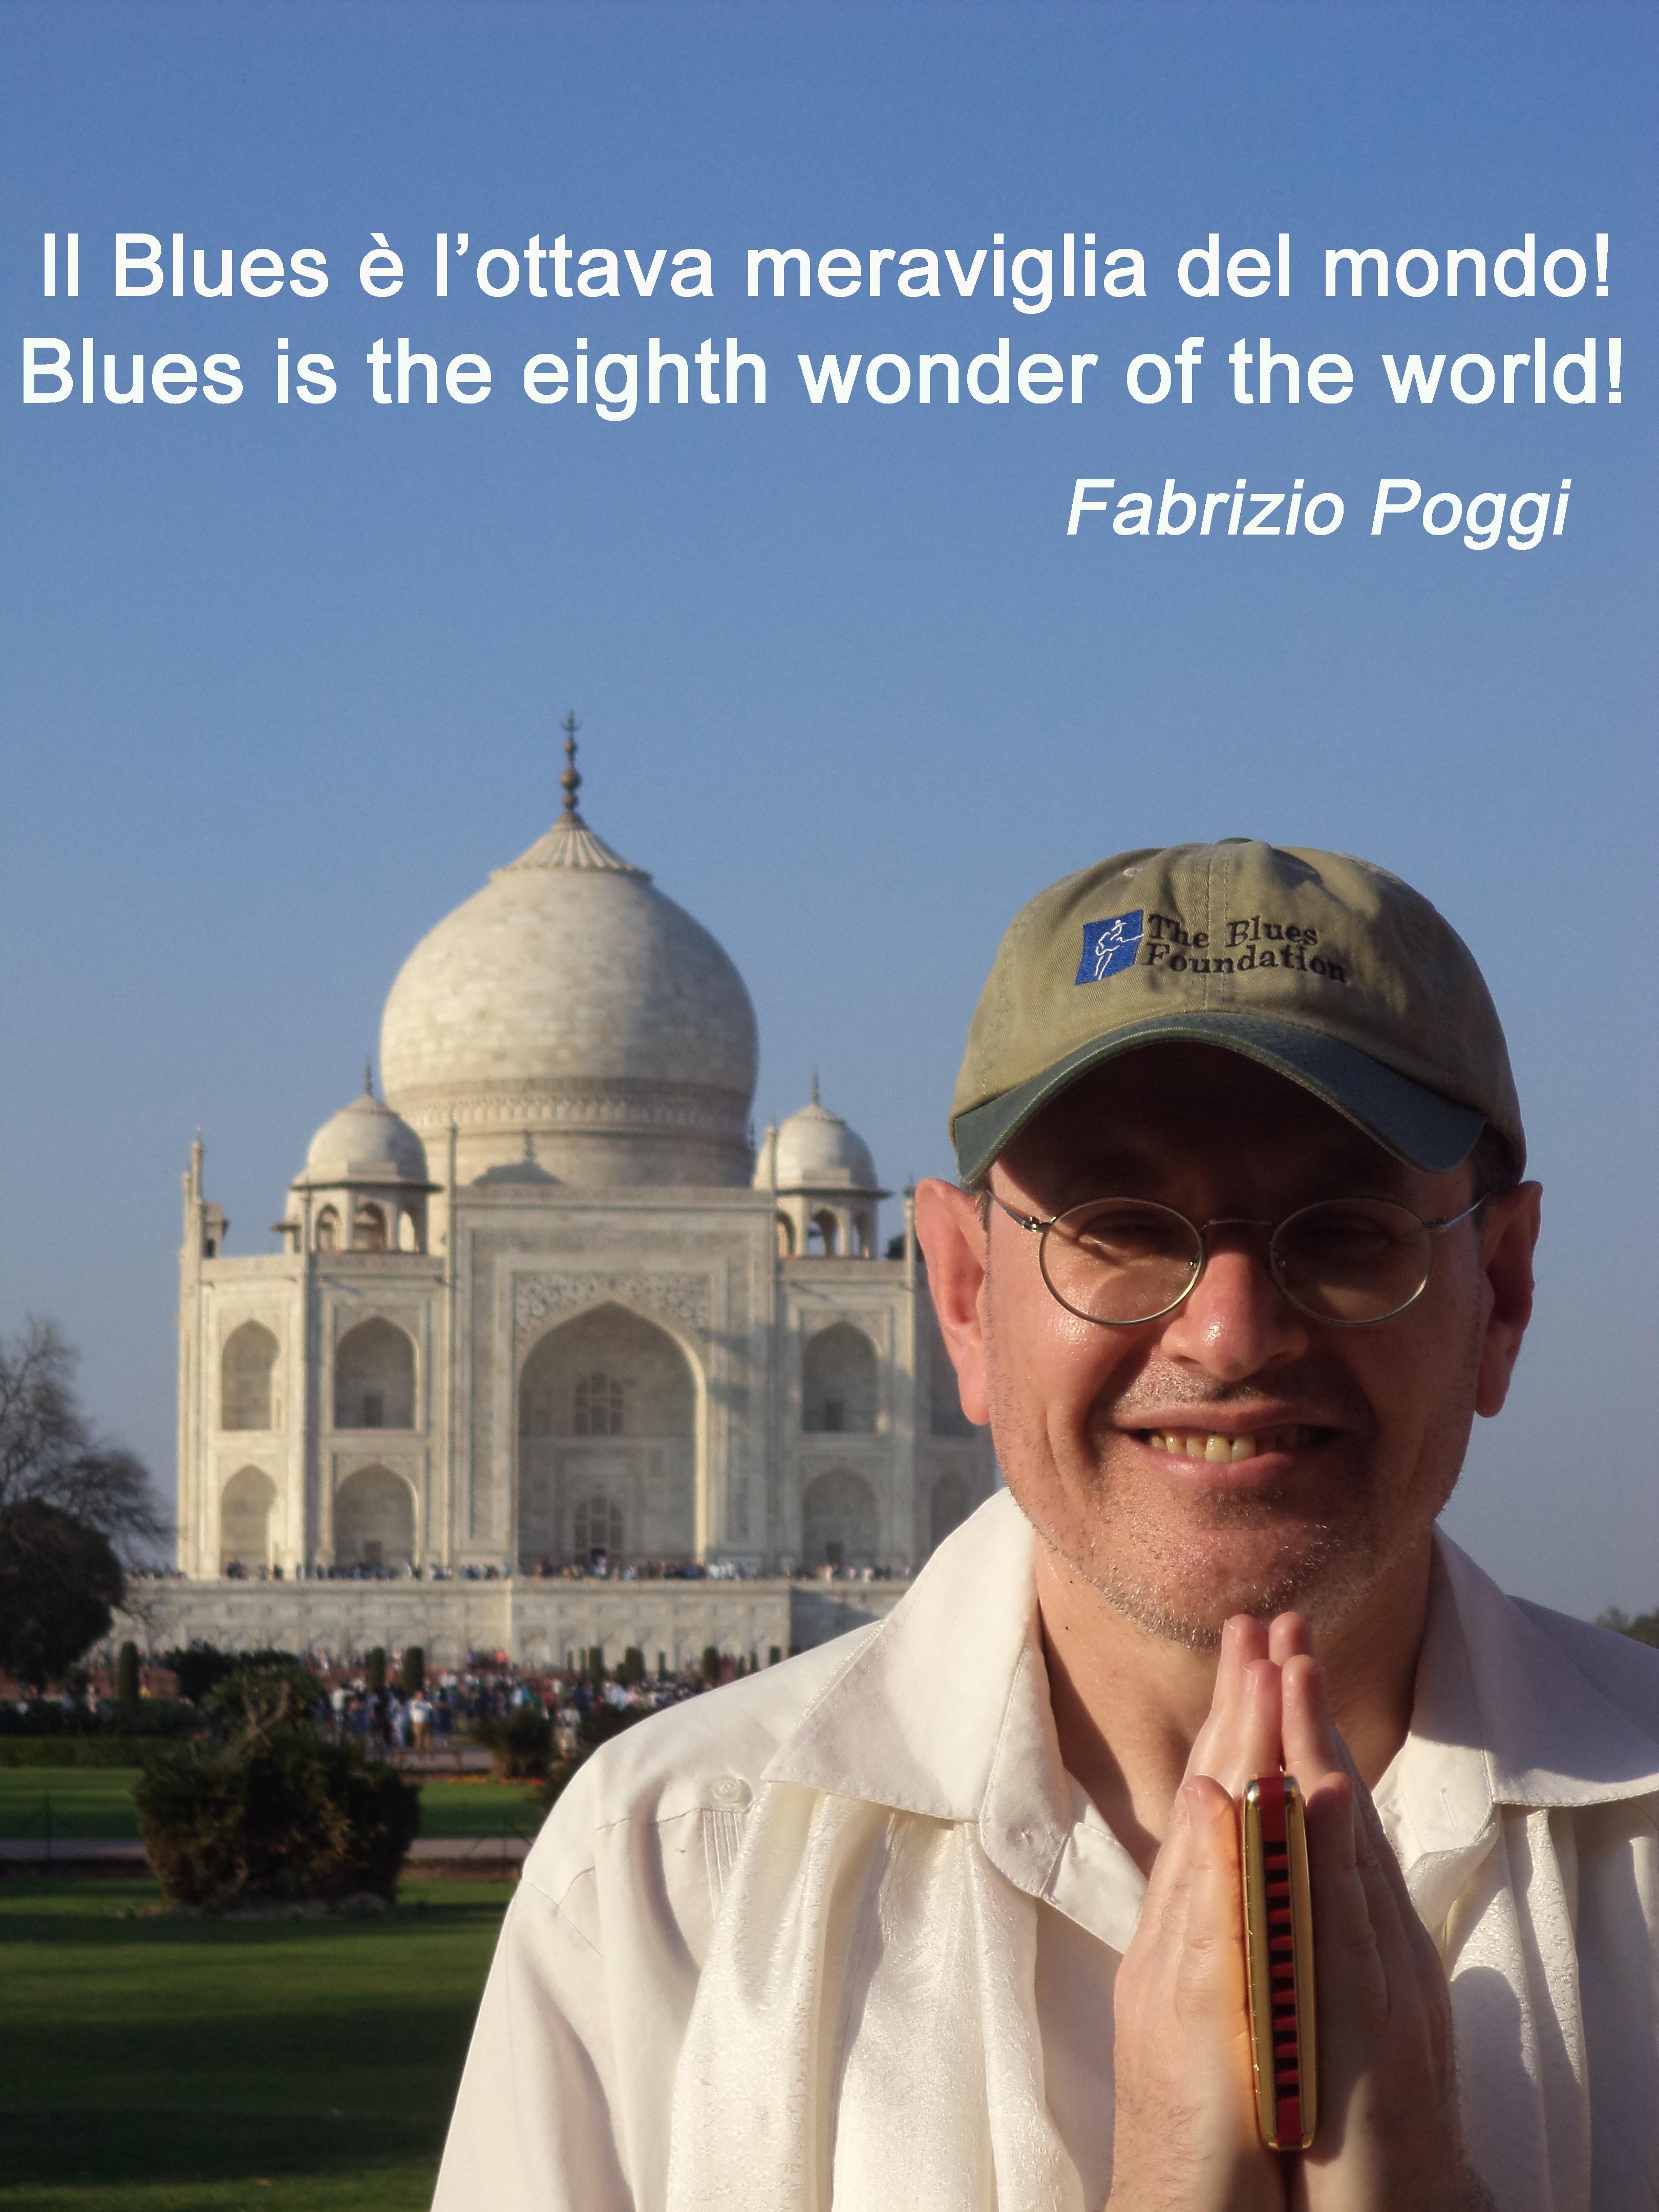 IL BLUES E\' L\'OTTAVA MERAVIGLIA DEL MONDO BLUES IS THE EIGHTH WONDER OF THE WORLD Fabrizio Poggi